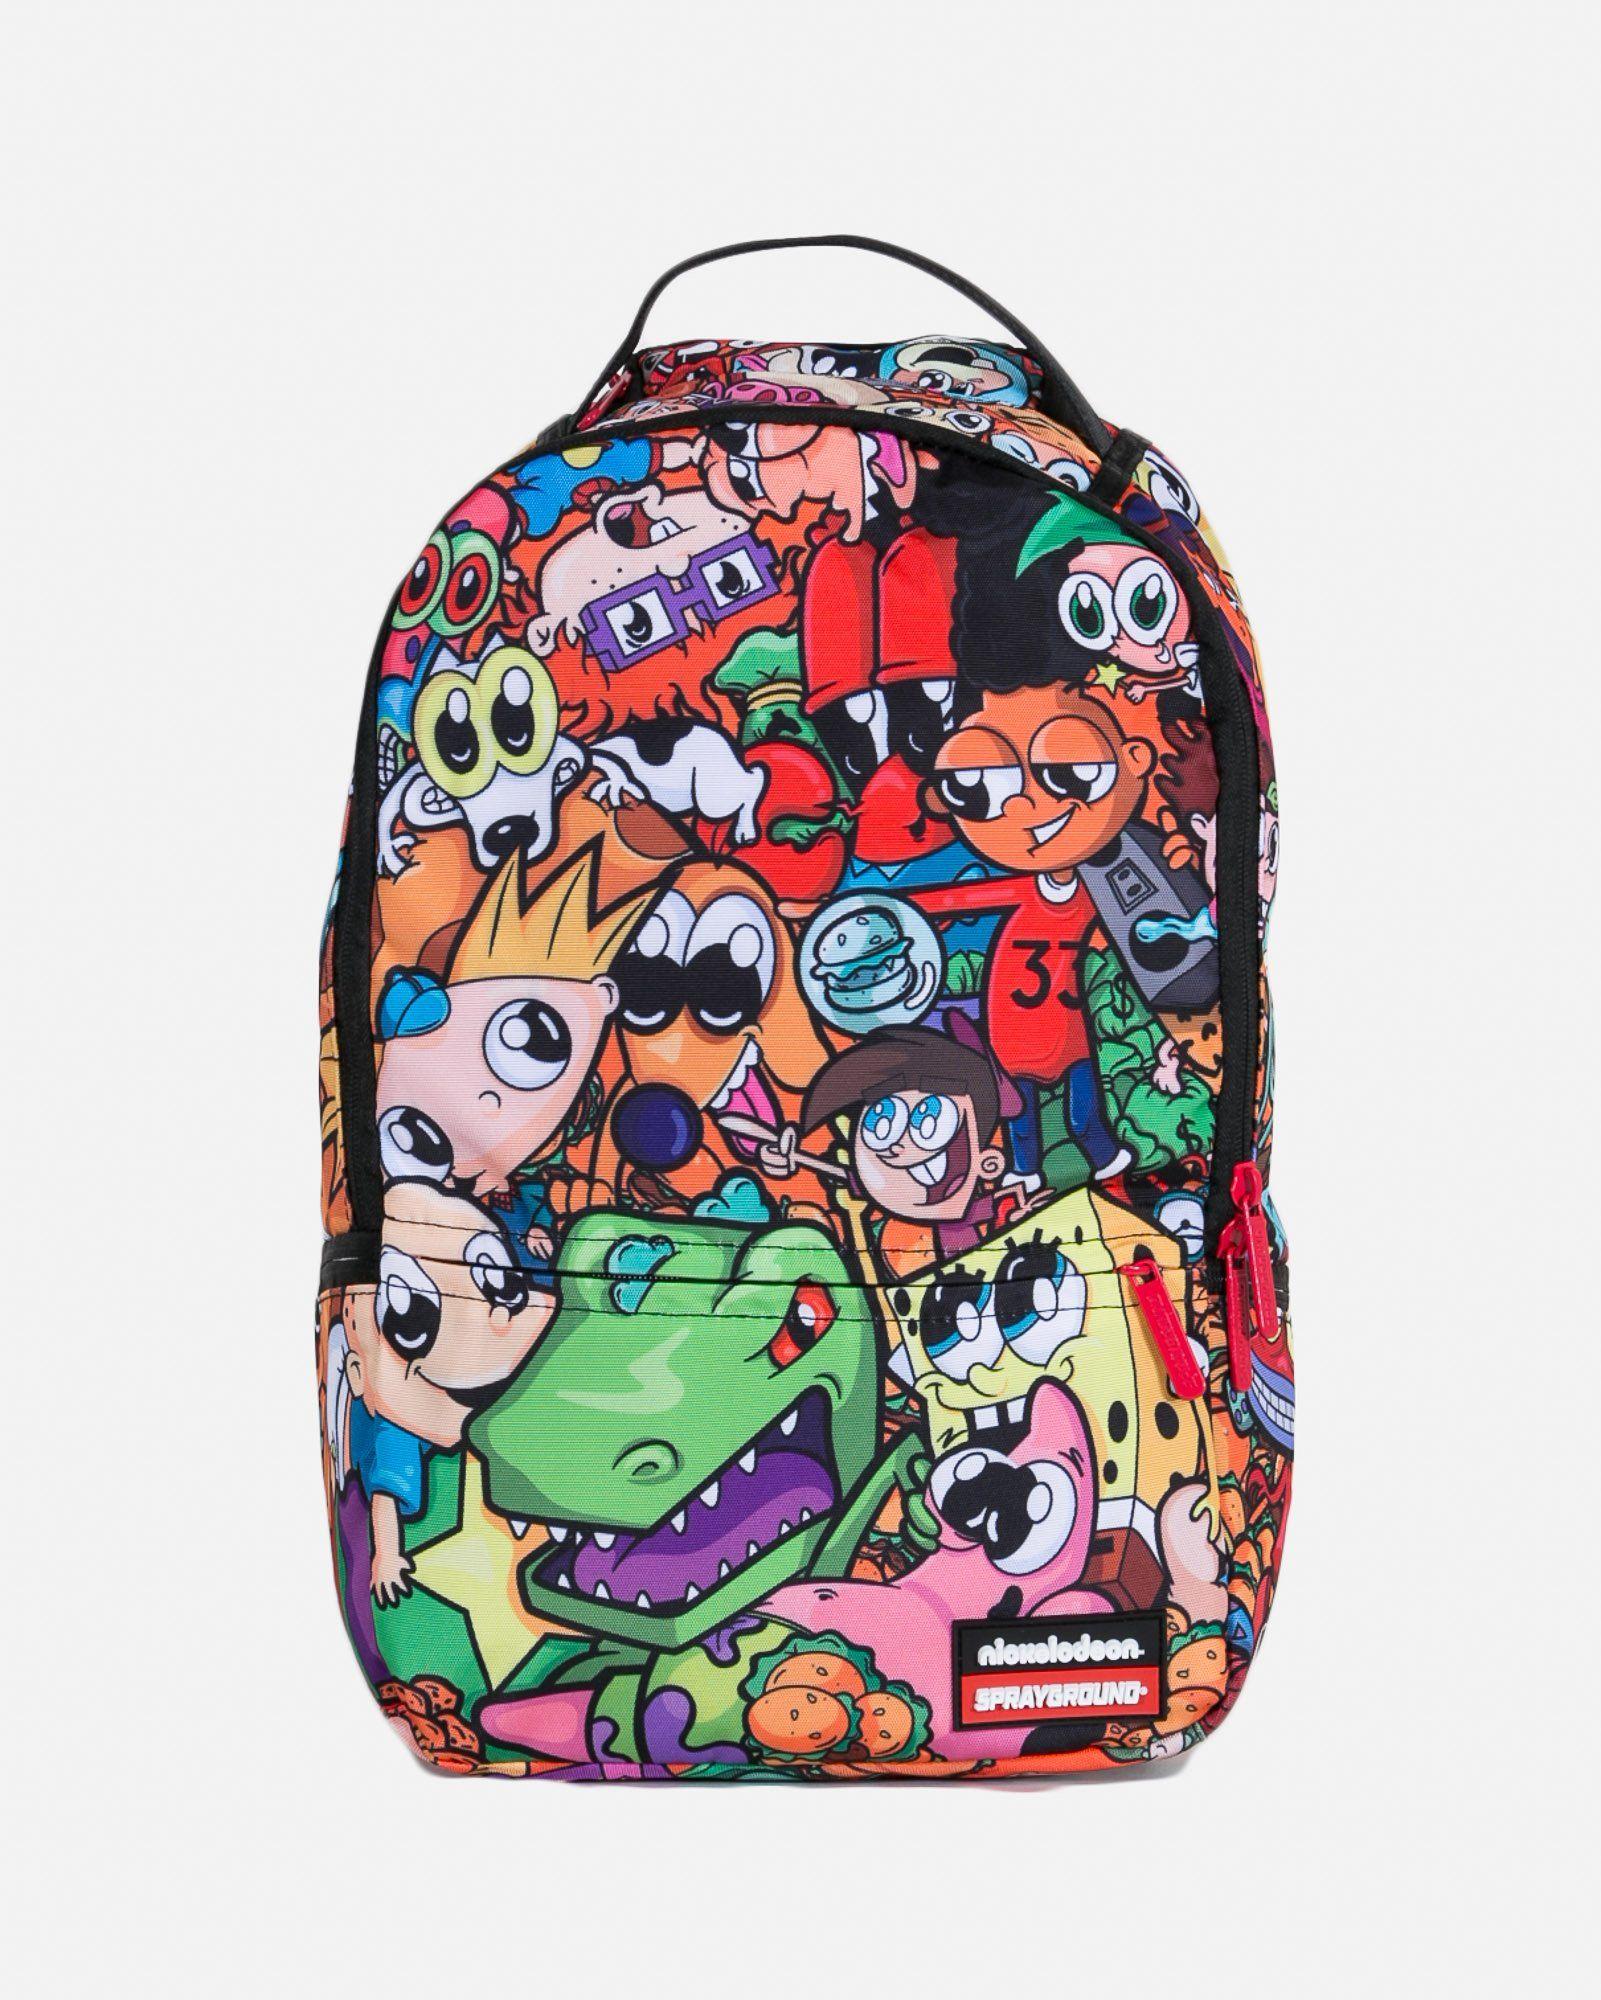 Sprayground anime 90s nickelodeon backpack